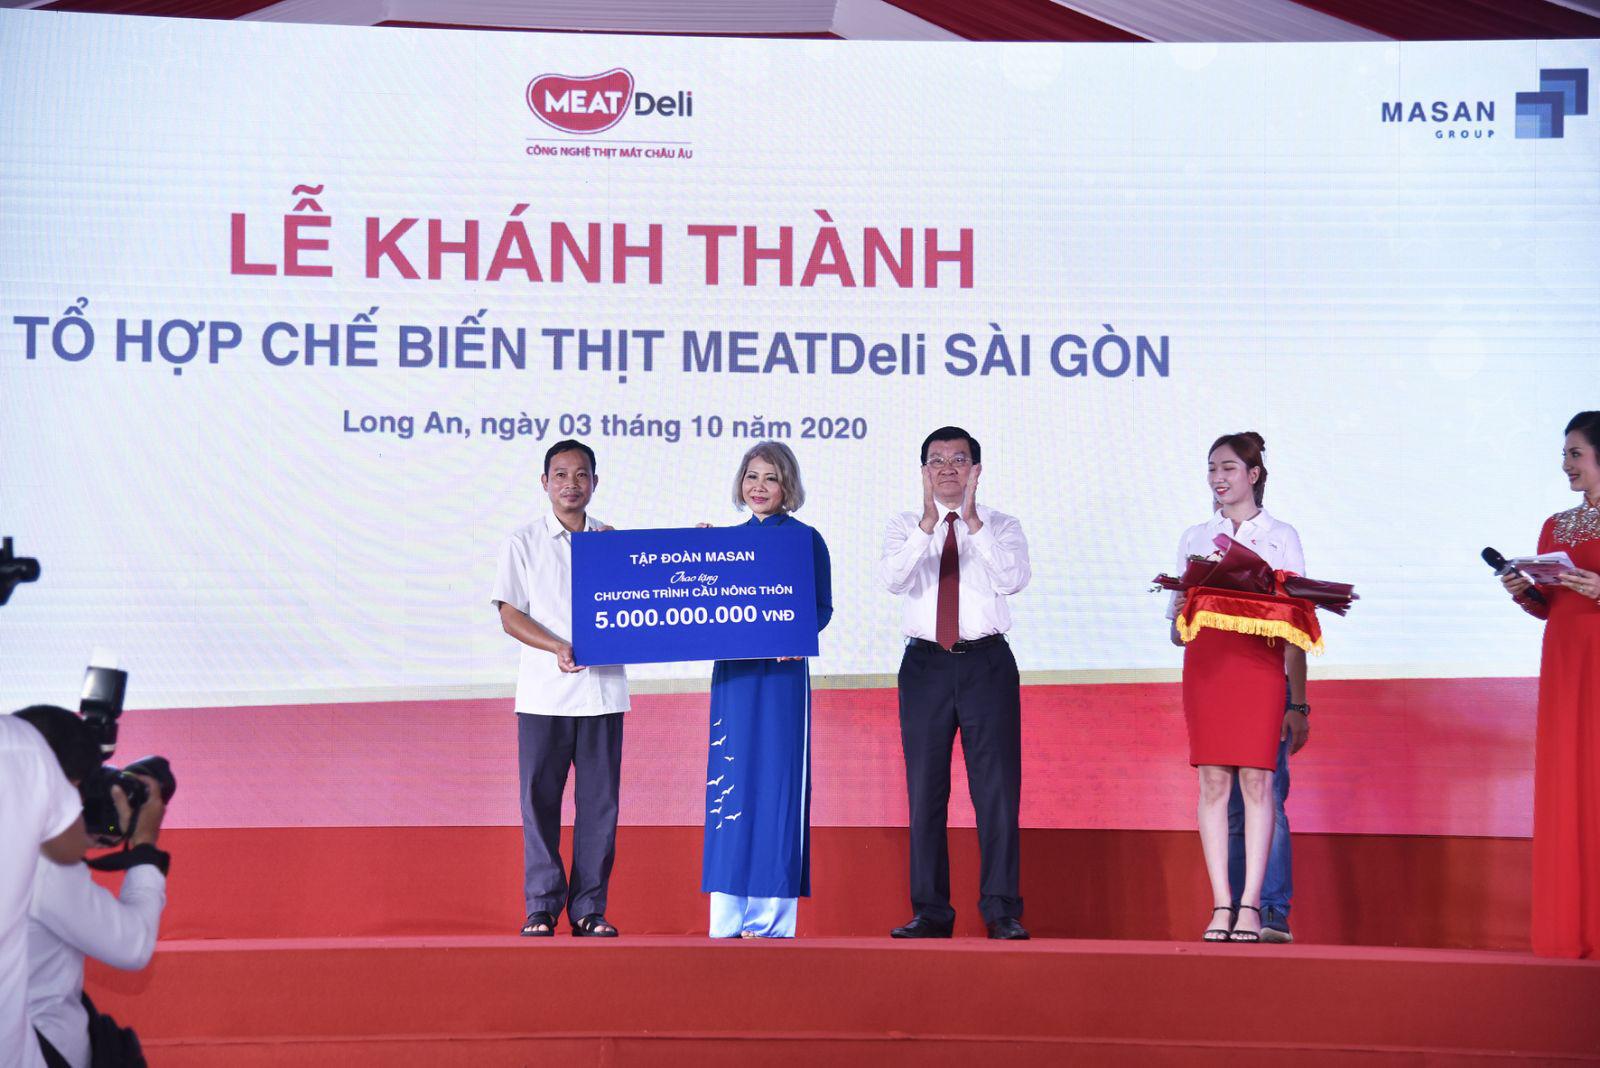 Tập đoàn Masan đóng góp gần 30 tỷ đồng cho các hoạt động an sinh xã hội - Ảnh 5.